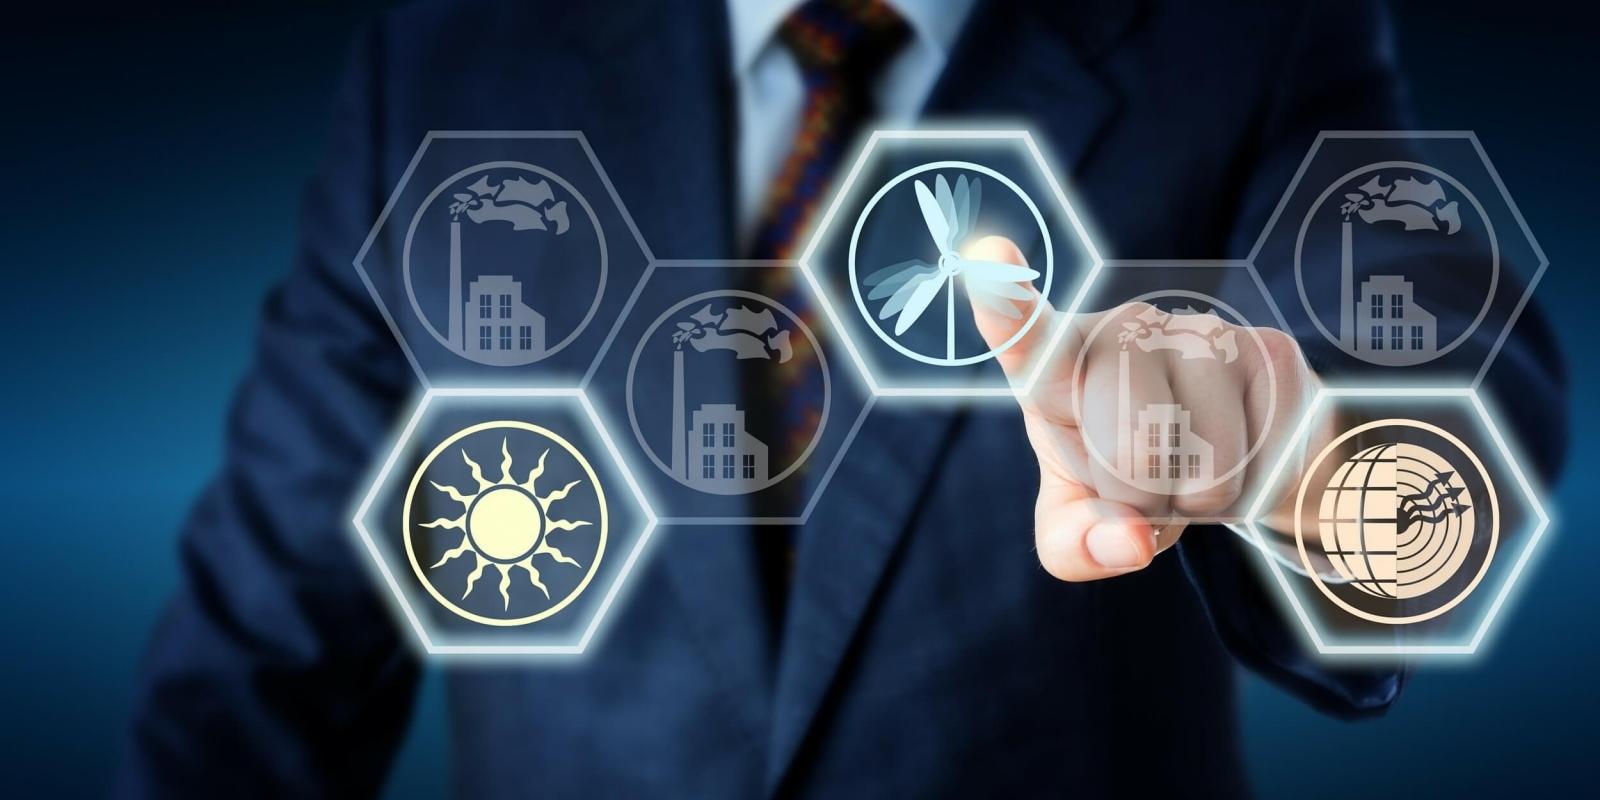 Singapore: Major Utility Company Launches Blockchain-Based Solar Energy Marketplace